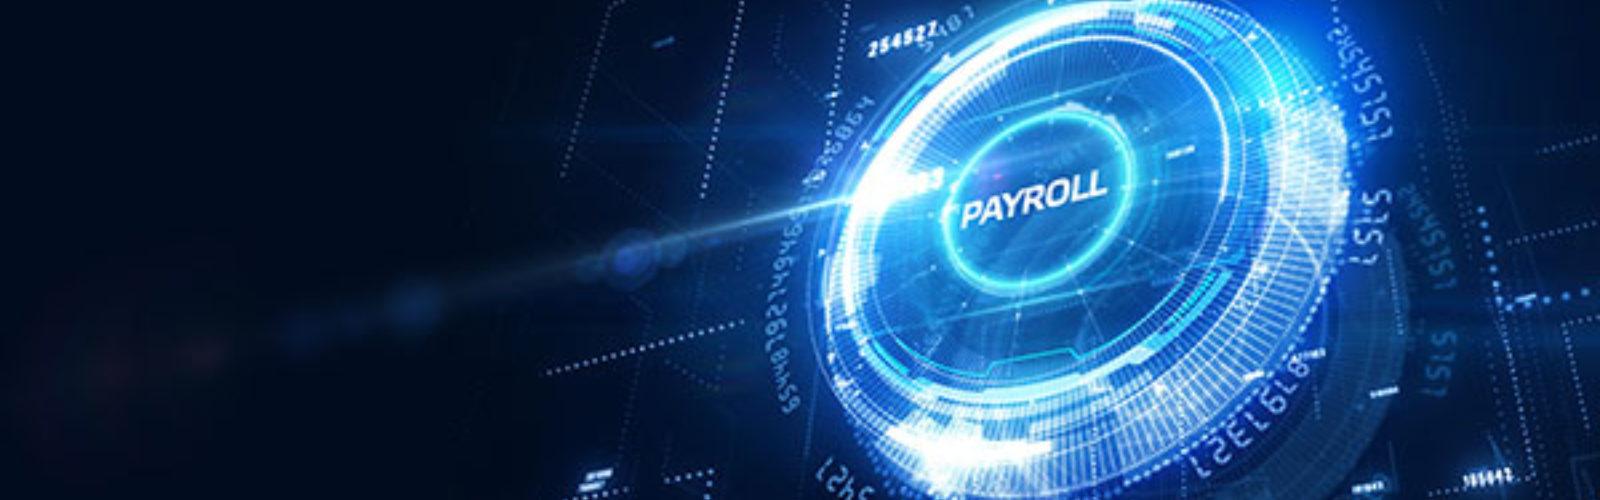 Blue payroll-tech (bs397389059)_web .jpg 1